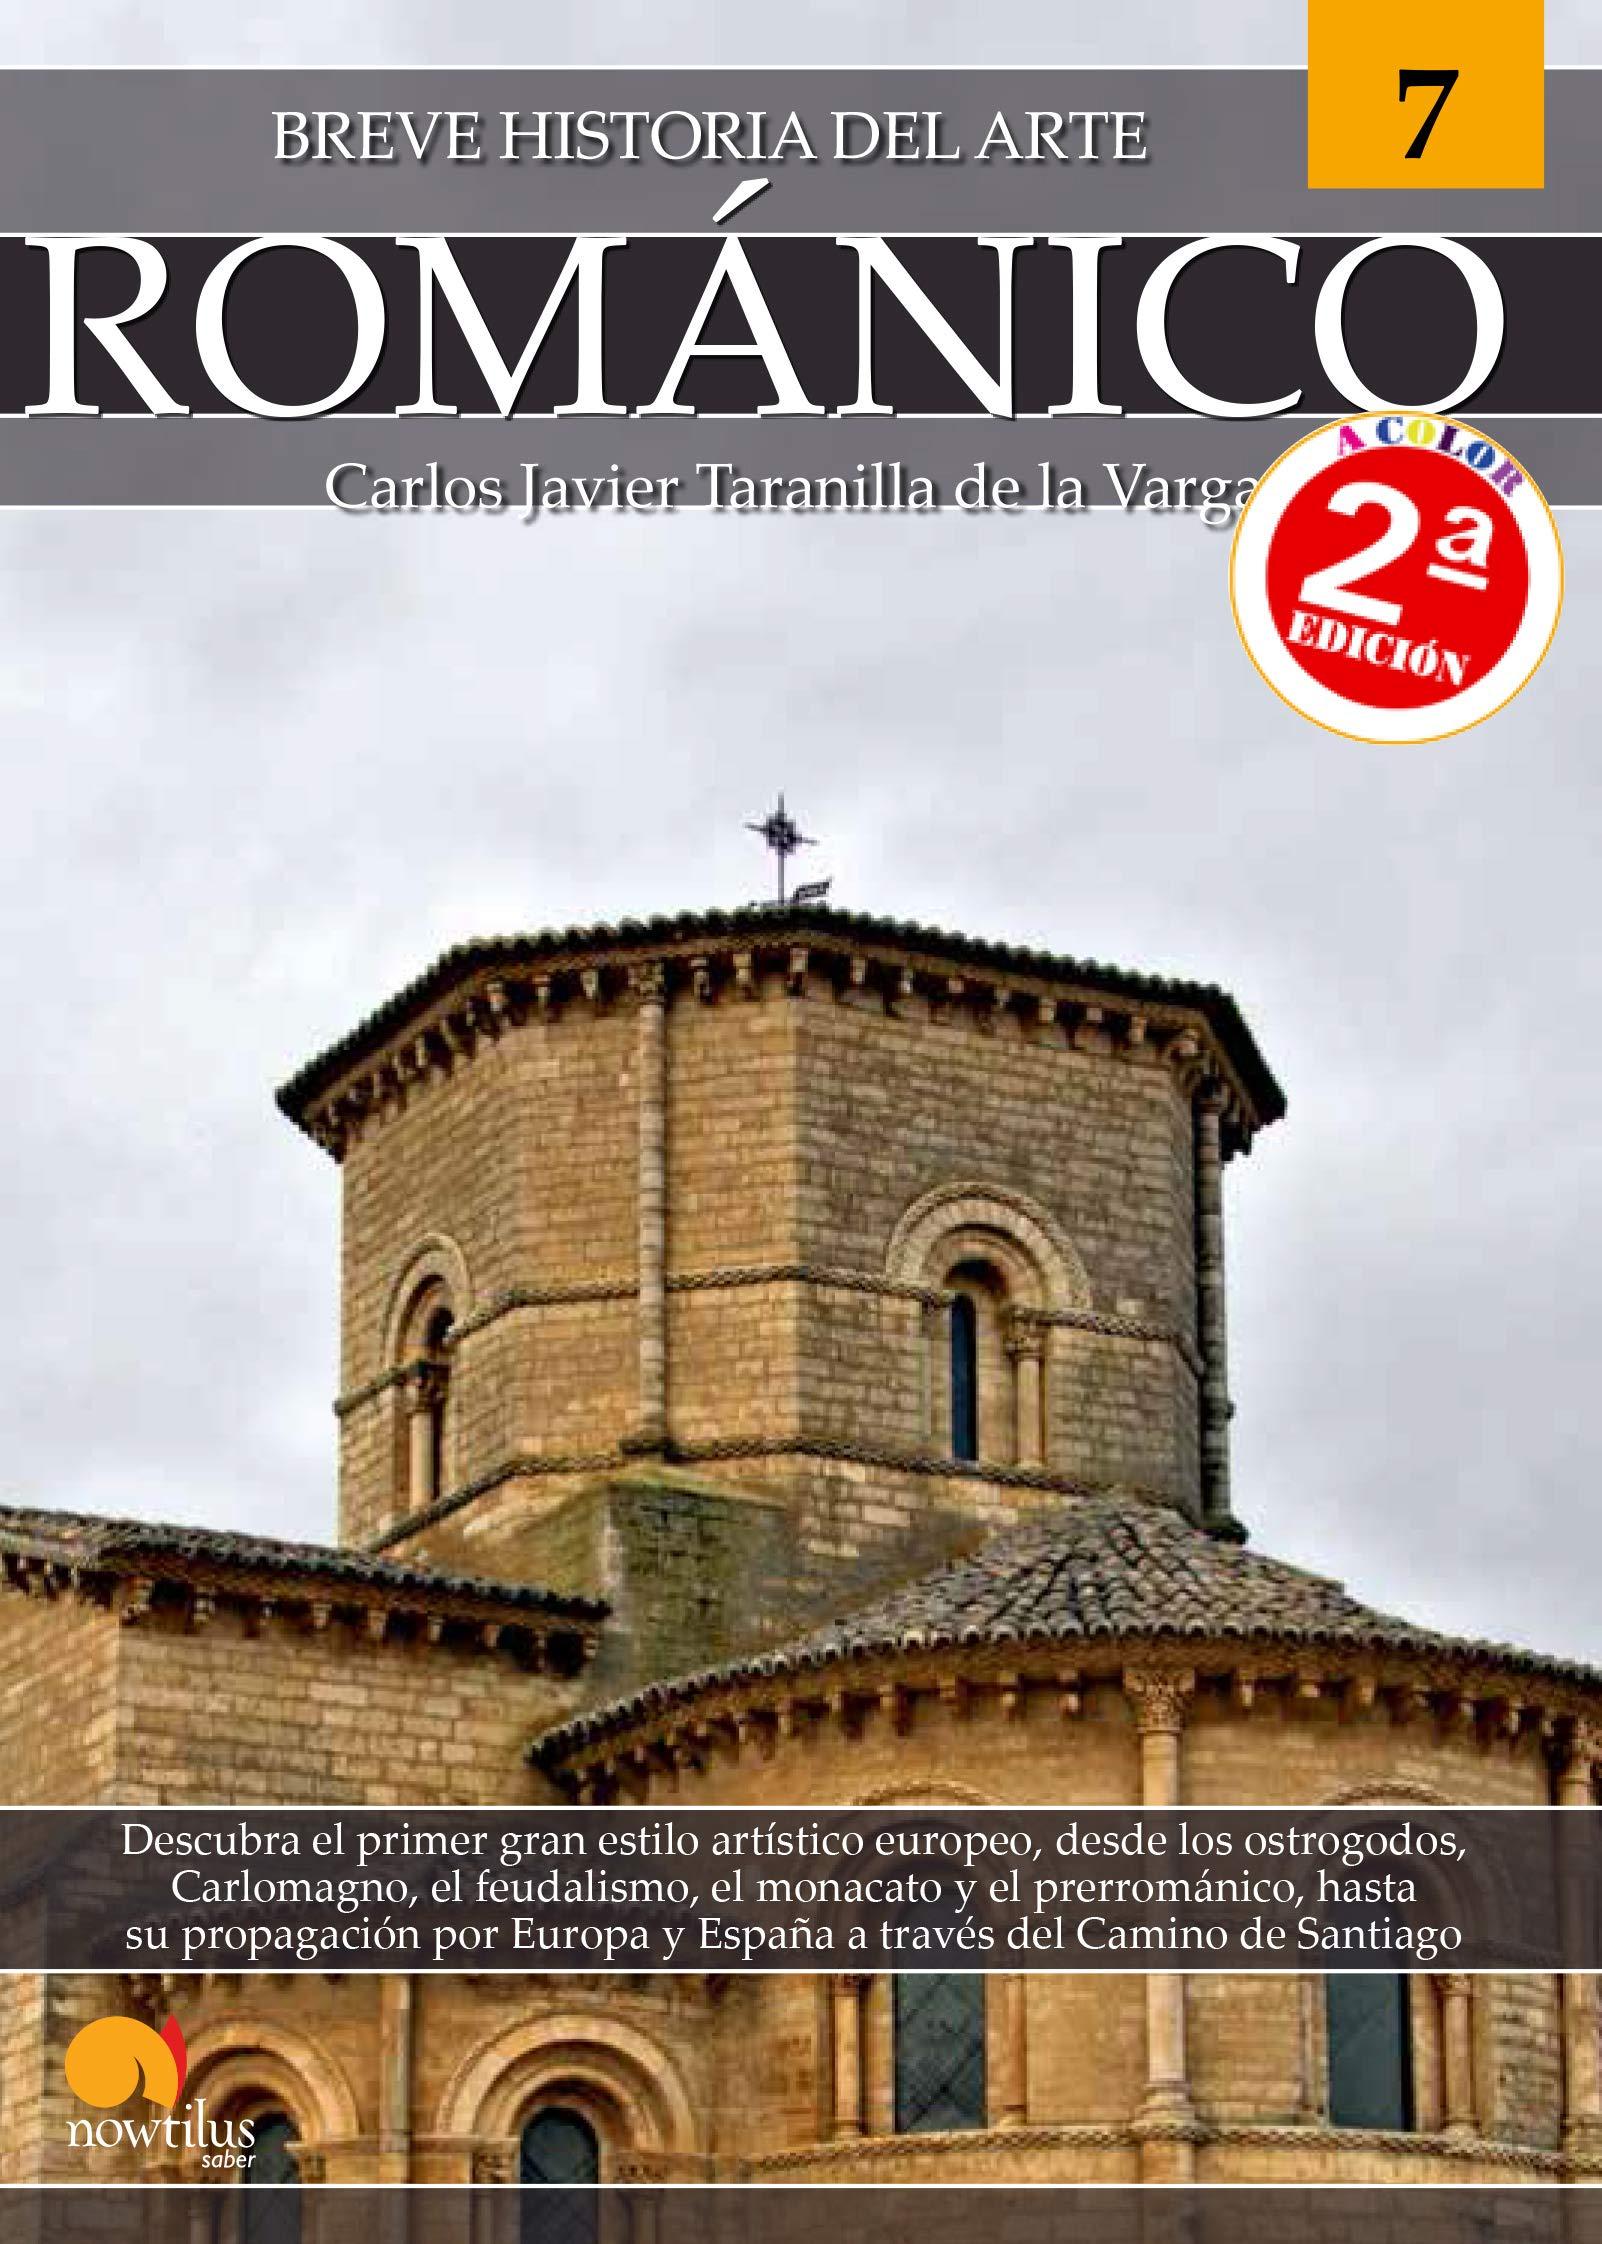 Breve historia del Románico: Amazon.es: Taranilla de la Varga, Carlos Javier: Libros